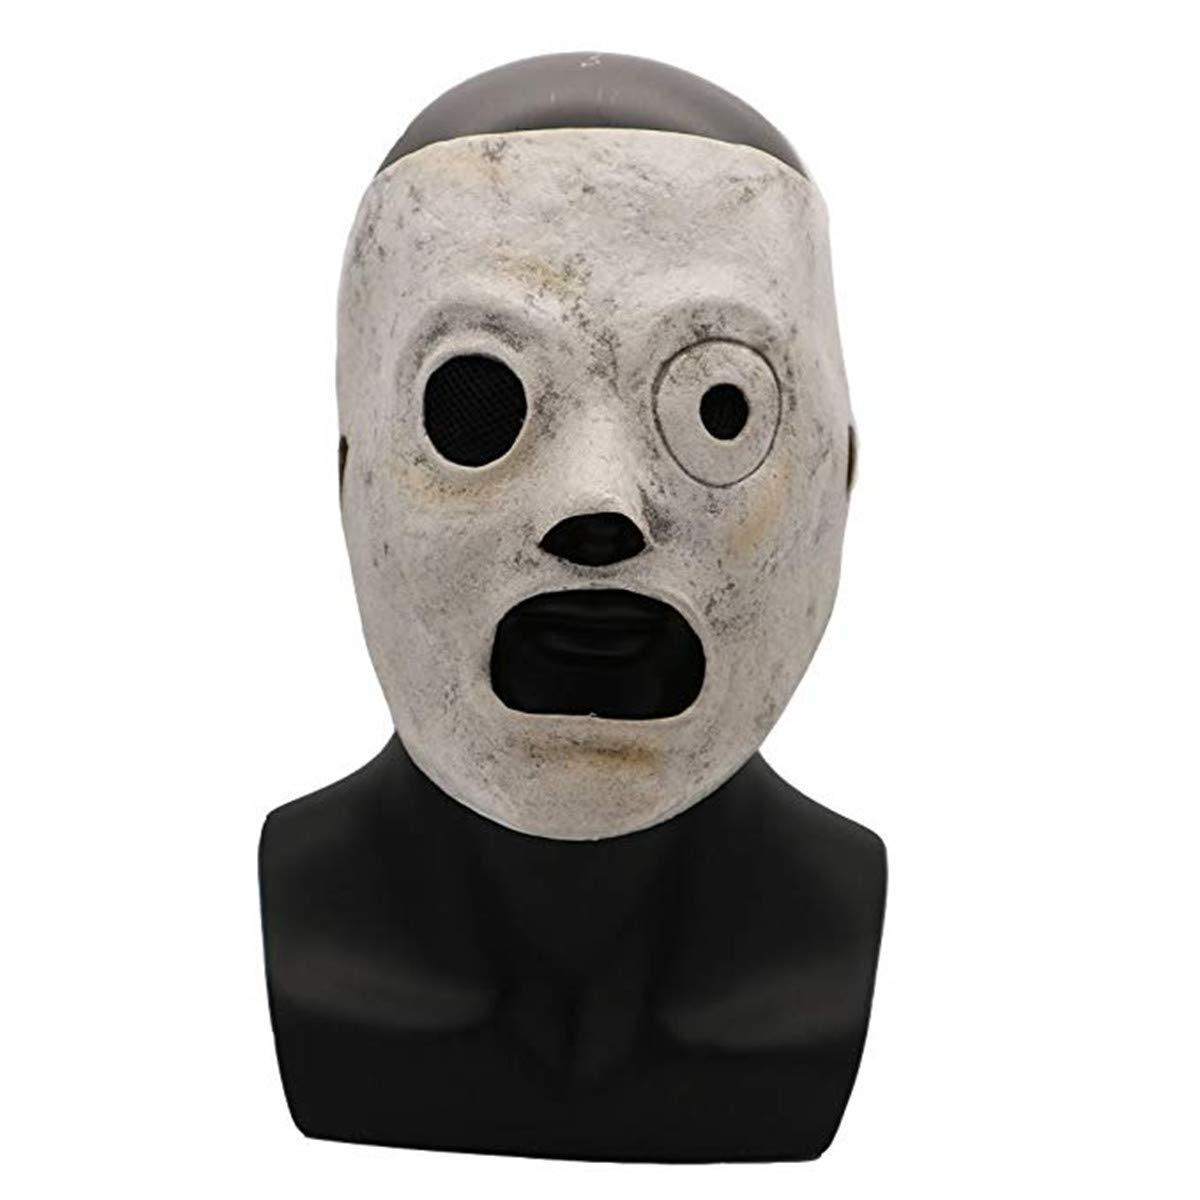 Hongzhi Craft Slipknot Latex Mask Corey Taylor Adjustable Accessory for Adult (Craft Slipknot Mask) by Hongzhi Craft